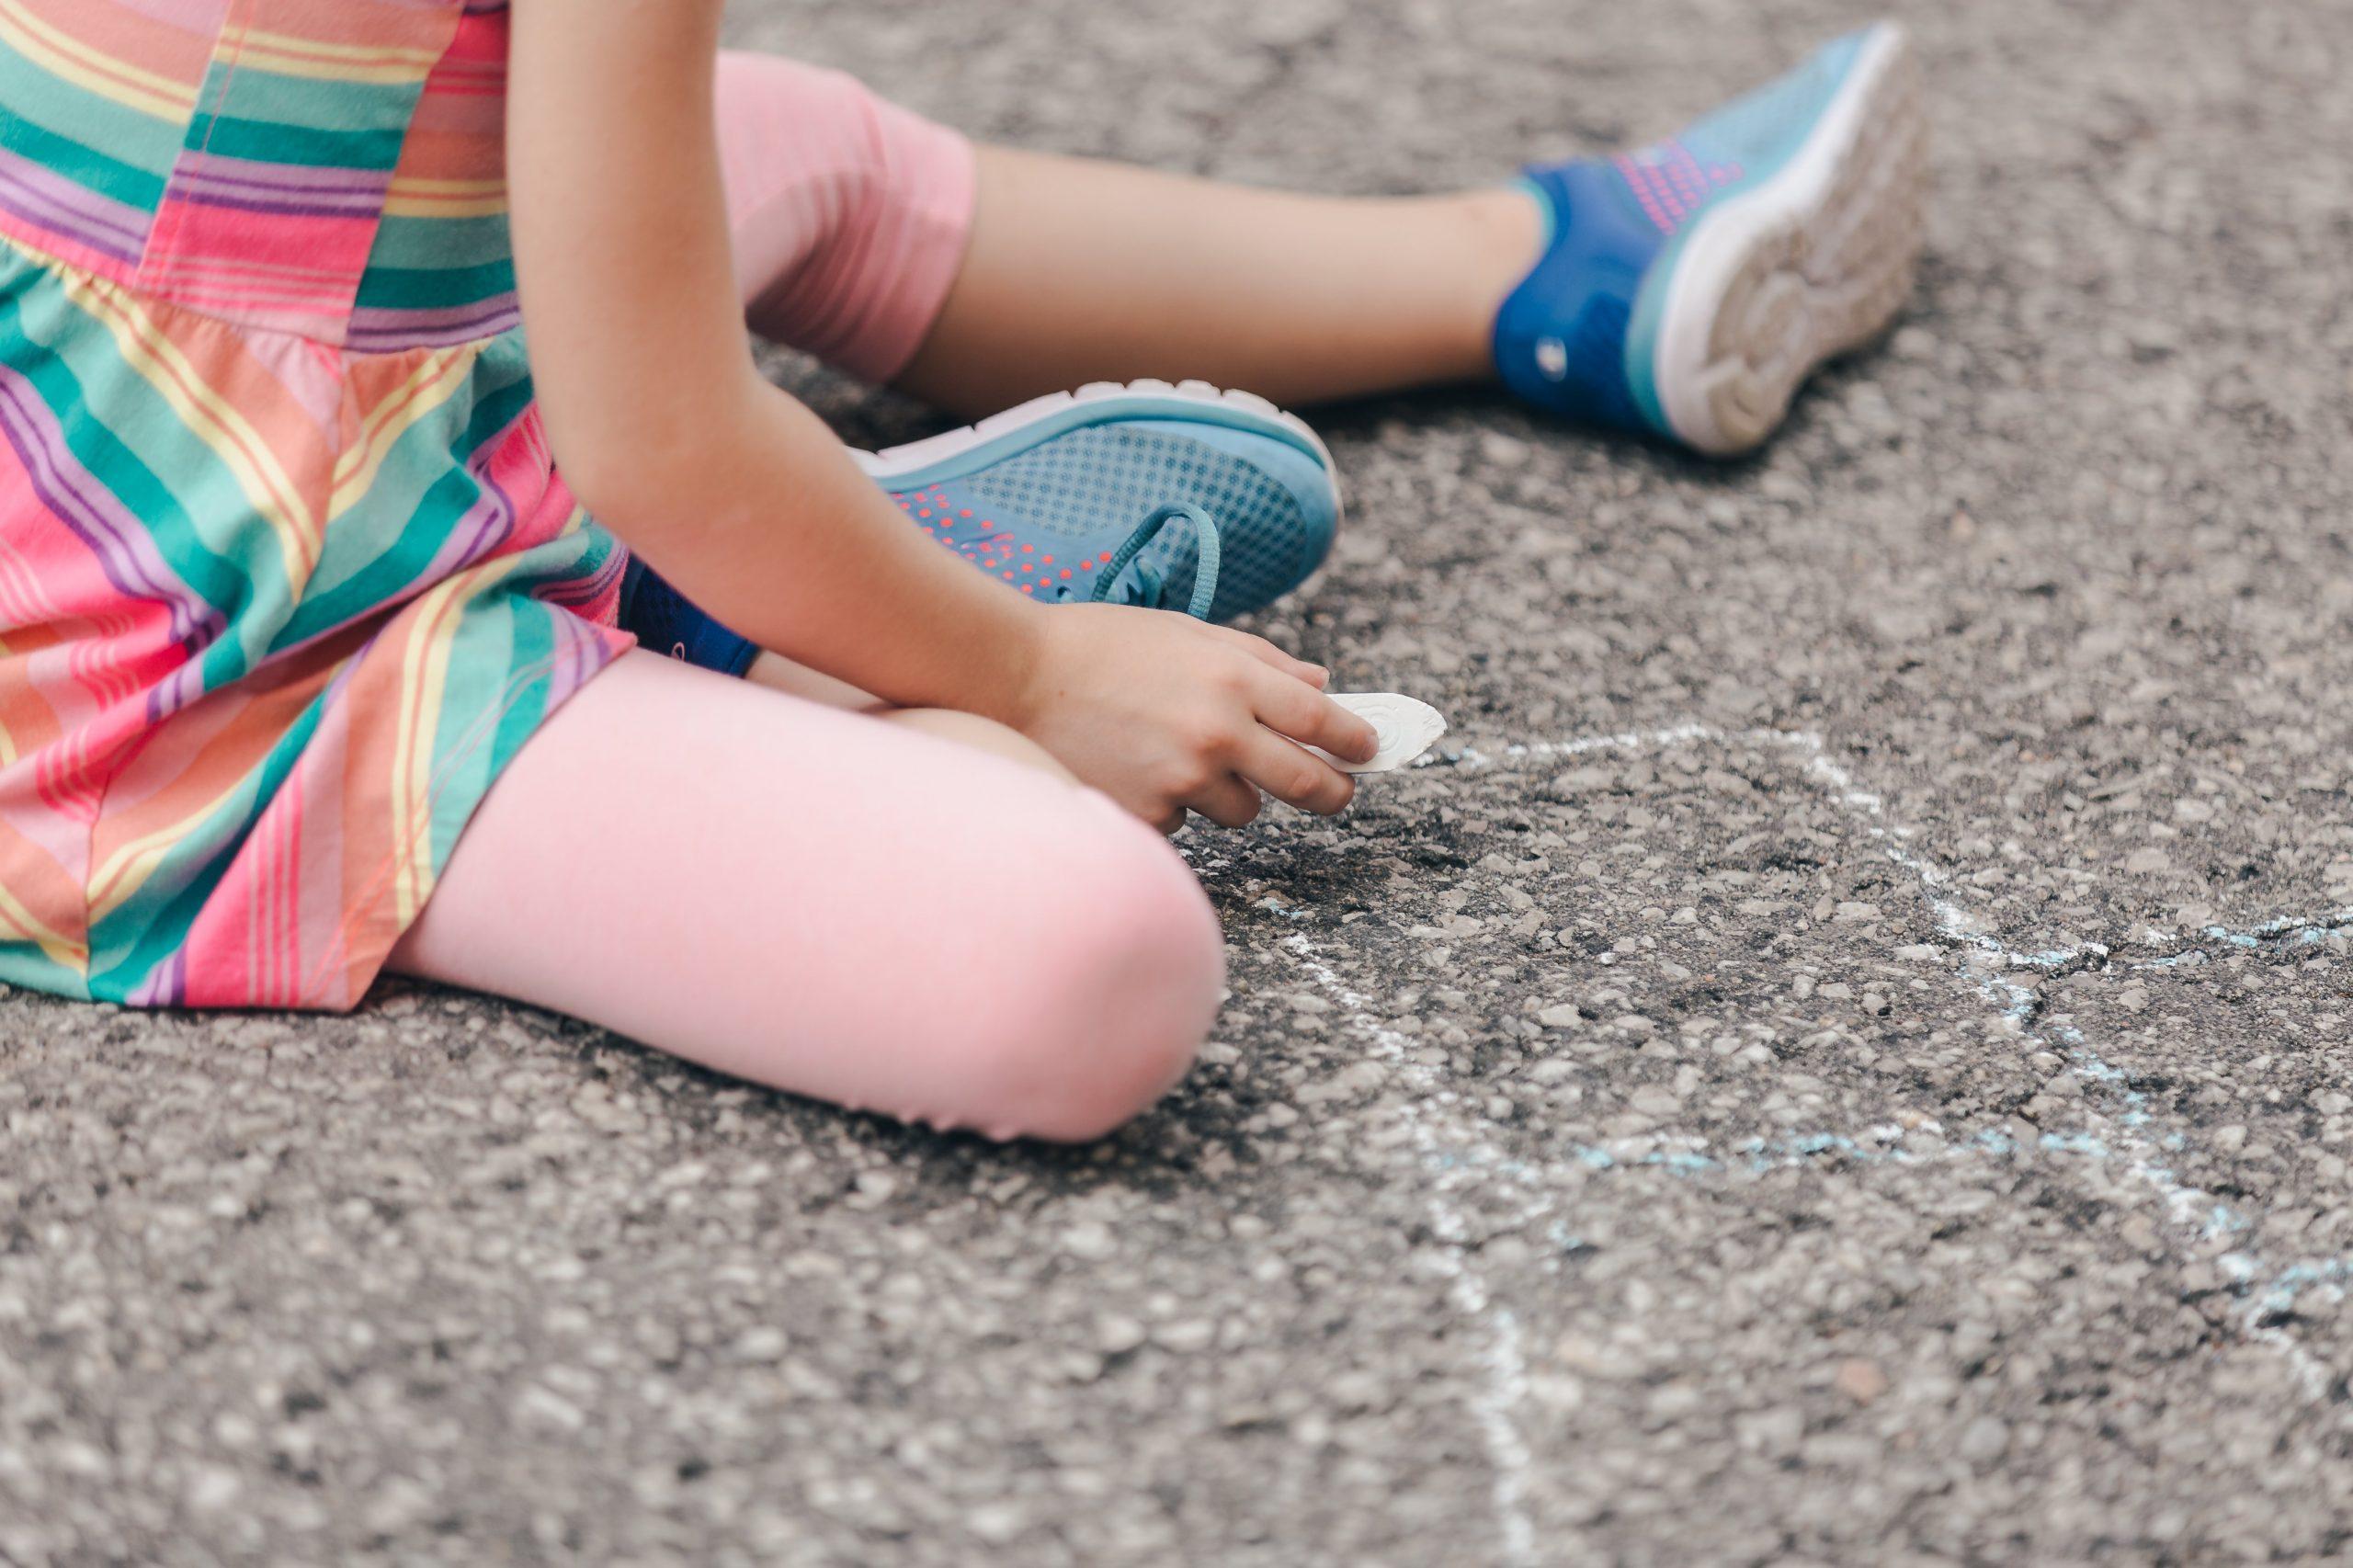 Γιατί το παιχνίδι είναι τόσο σημαντικό στην ανάπτυξη των παιδιών;